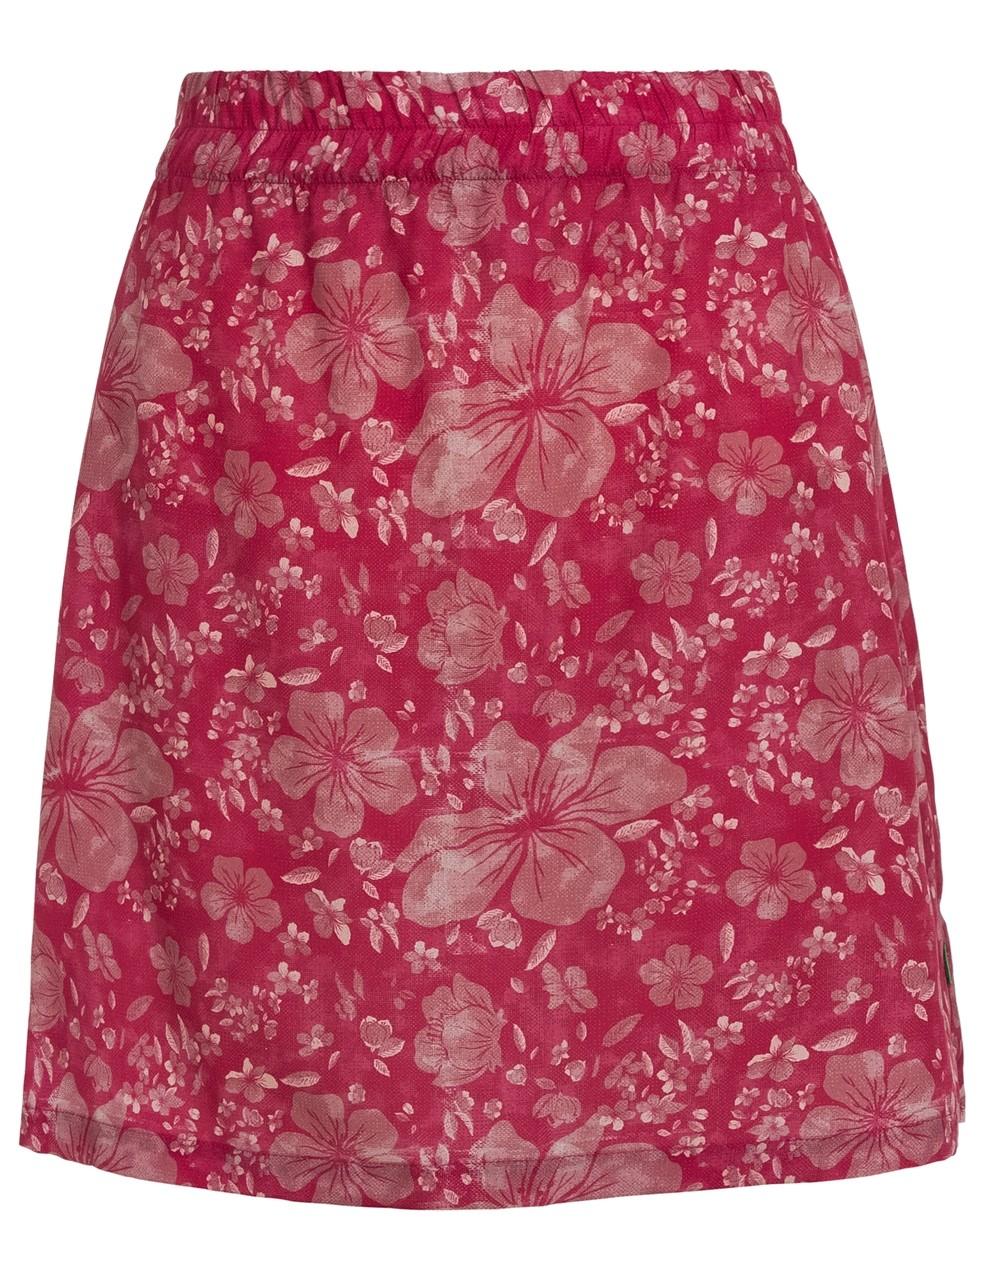 Lozana AOP Skirt III Women